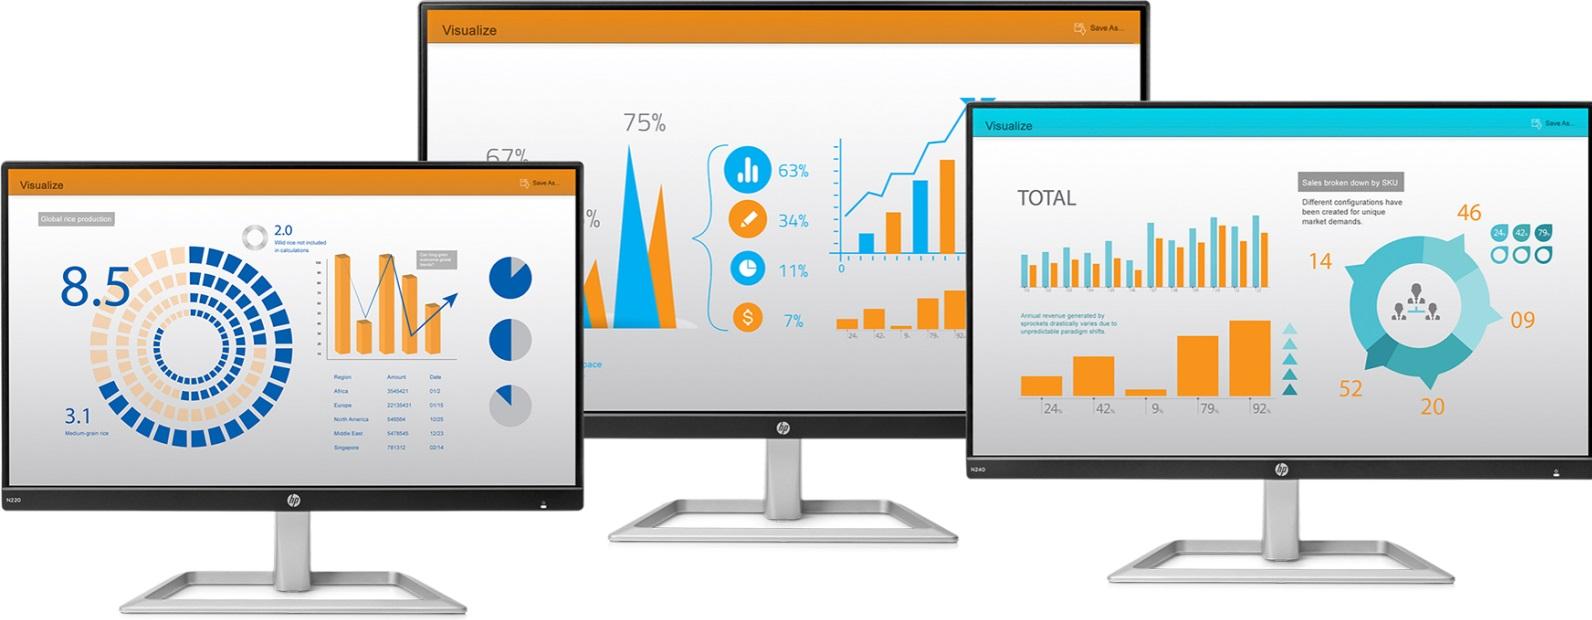 Dòng màn hình HP N-series gồm 3 kích cỡ khác nhau đáp ứng nhu cầu đa dạng của các phòng ban.